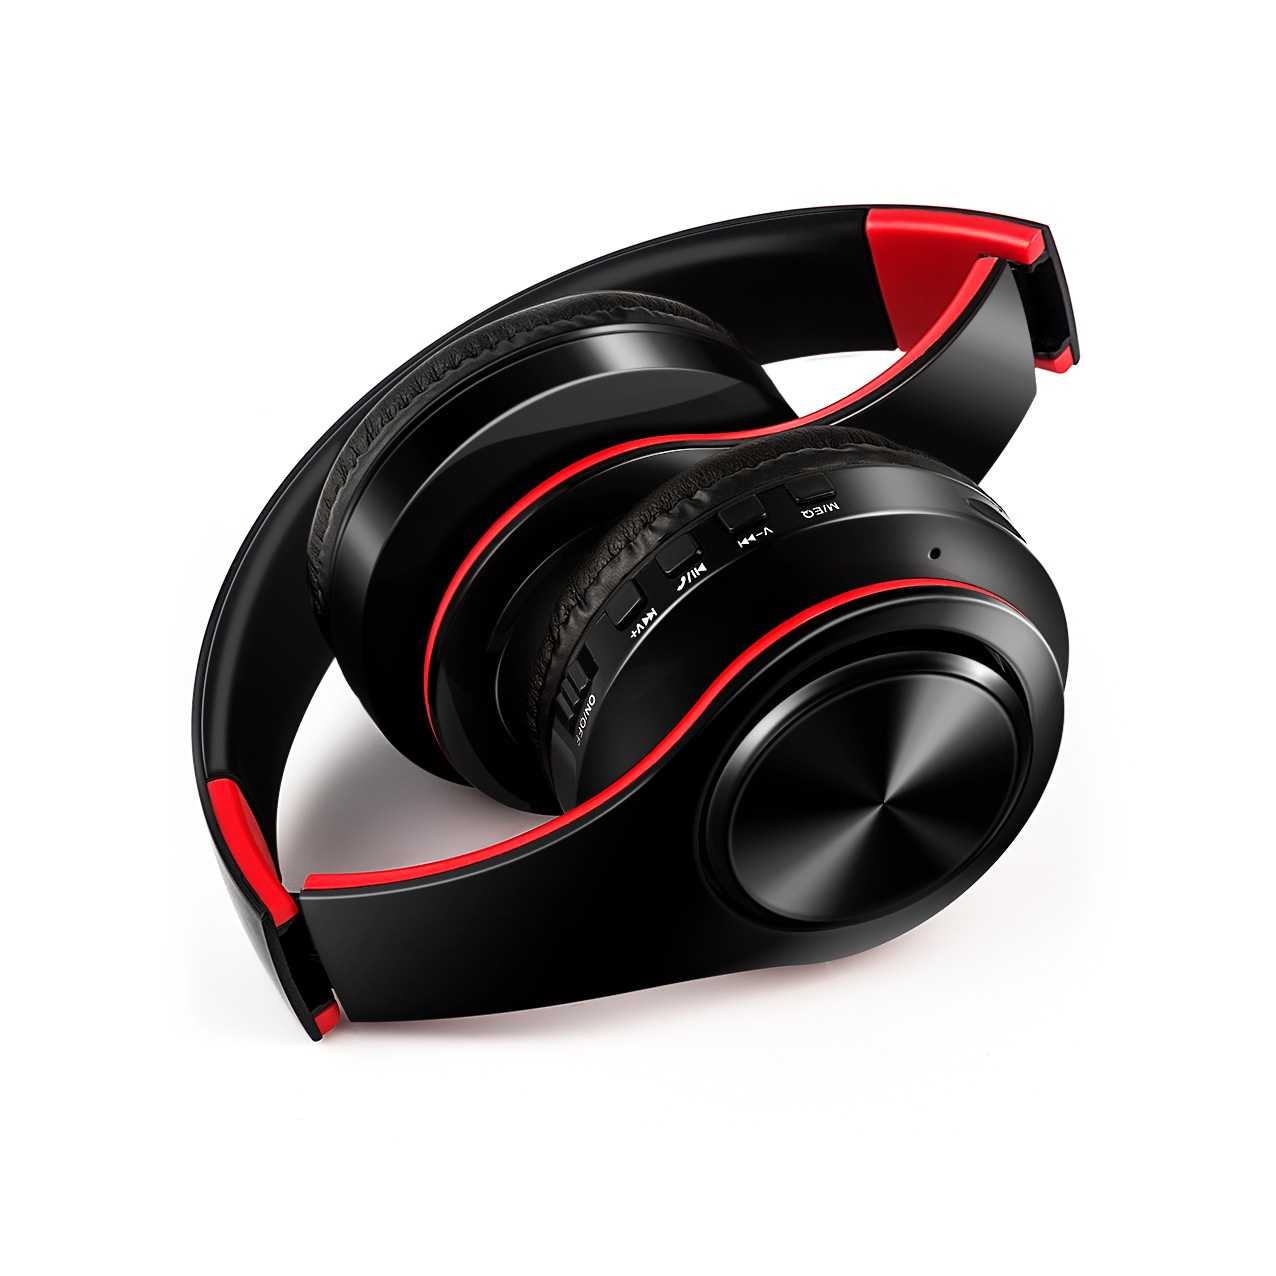 ZHONGXING Tai nghe Bluetooth Tai nghe không dây gấp nhiều màu nóng Tai nghe Bluetooth thể thao cắm t